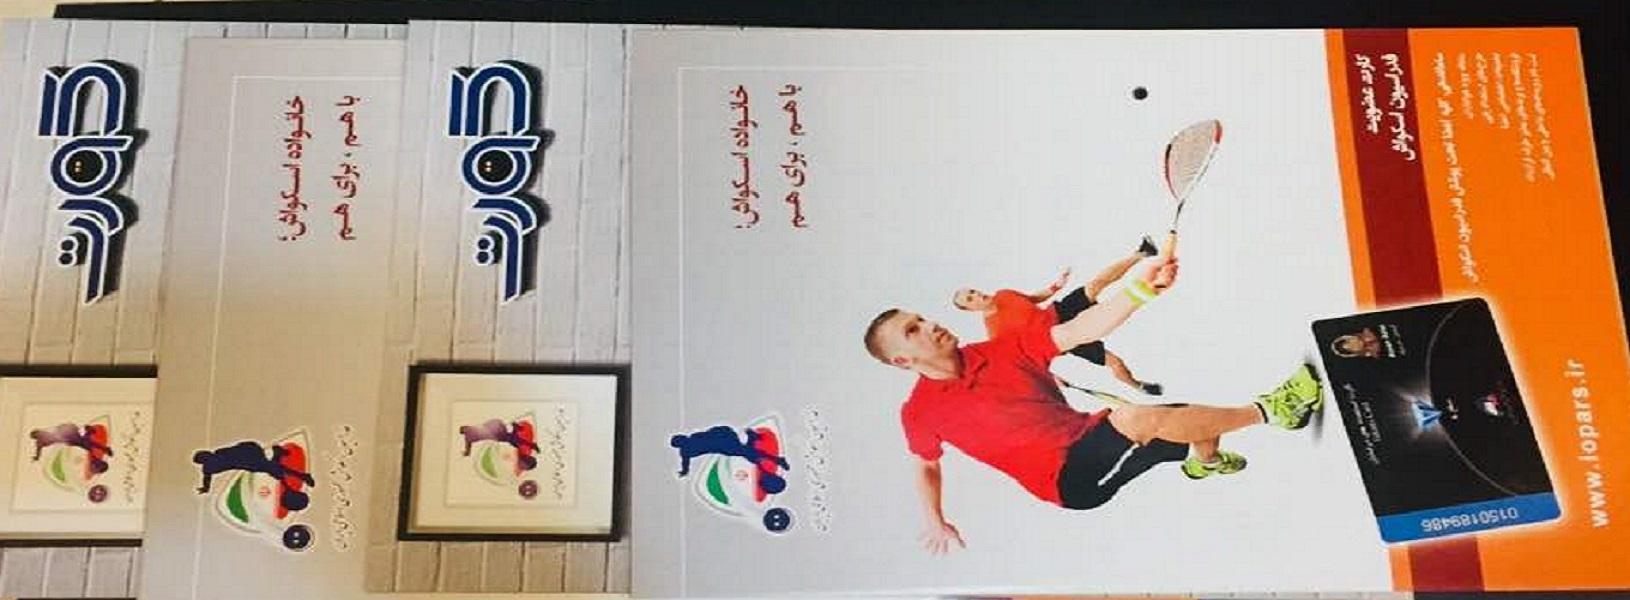 کارت عضویت فدراسیون اسکواش، با هدف ساماندهی کلیه اعضاء، وابستگان  و ذینفعان رشته های ورزشی